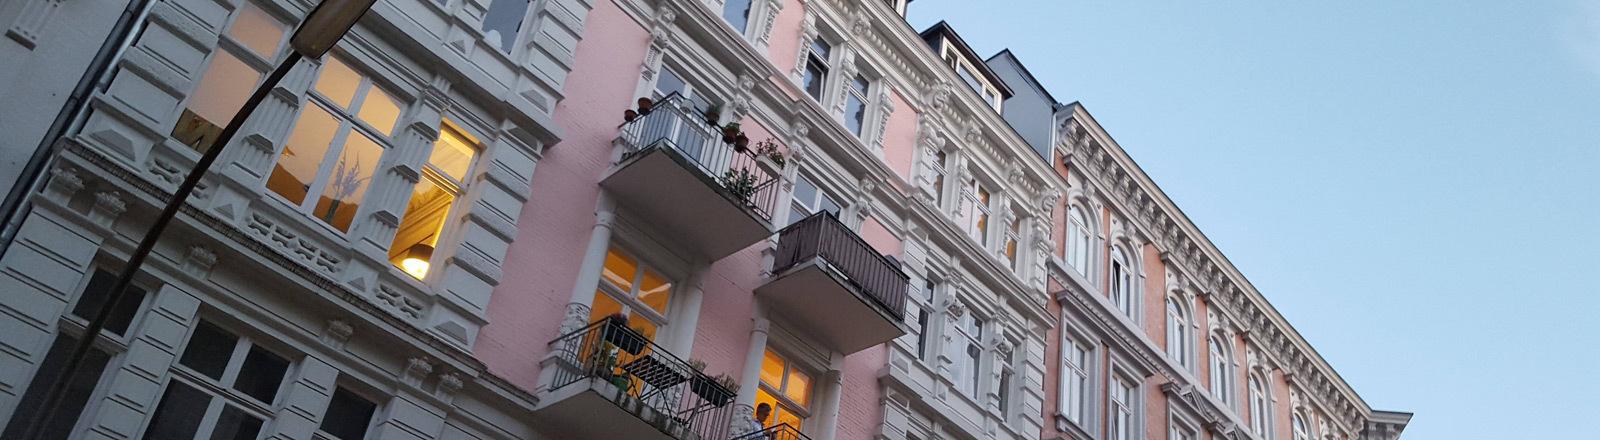 Haus in Hamburg